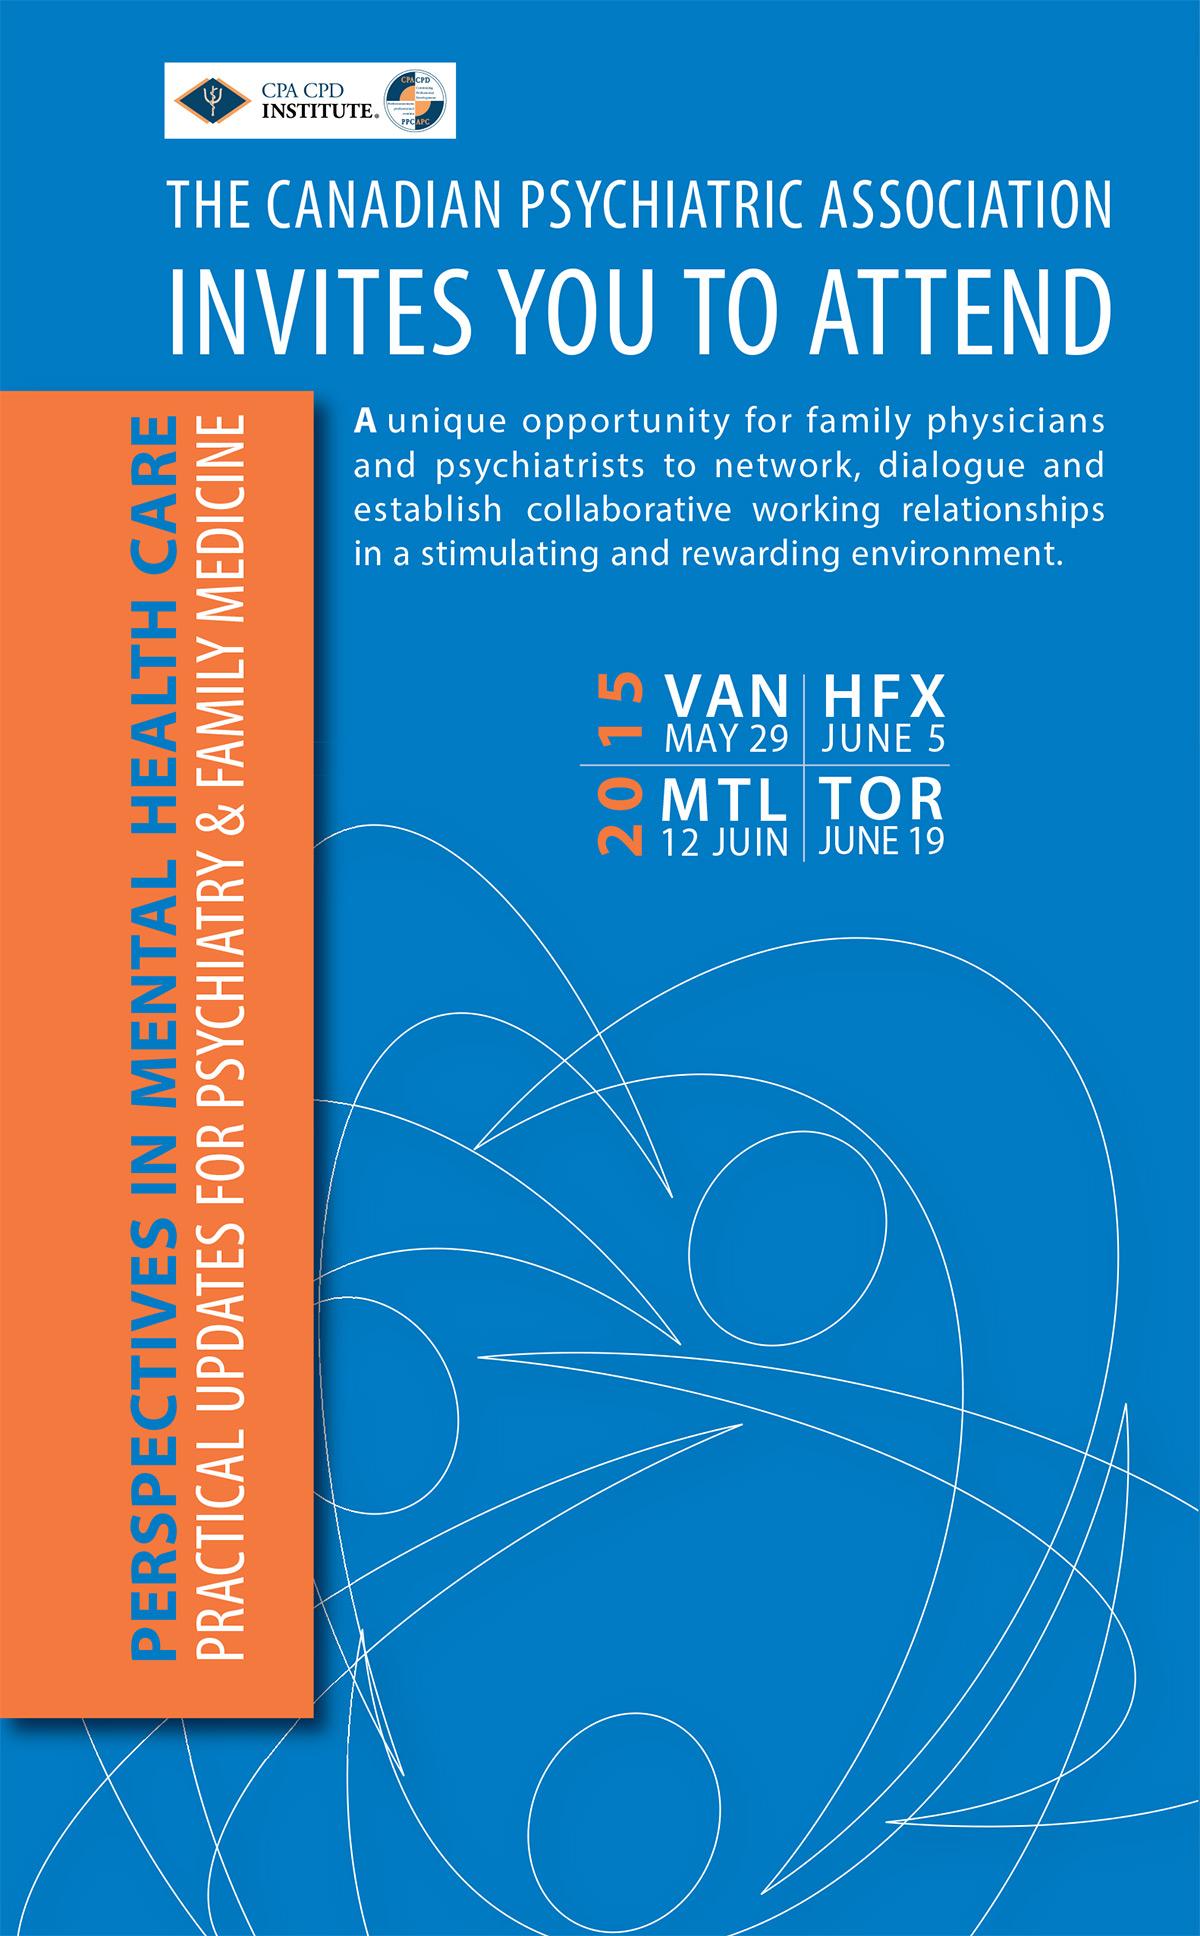 2015 PMHC cover invite